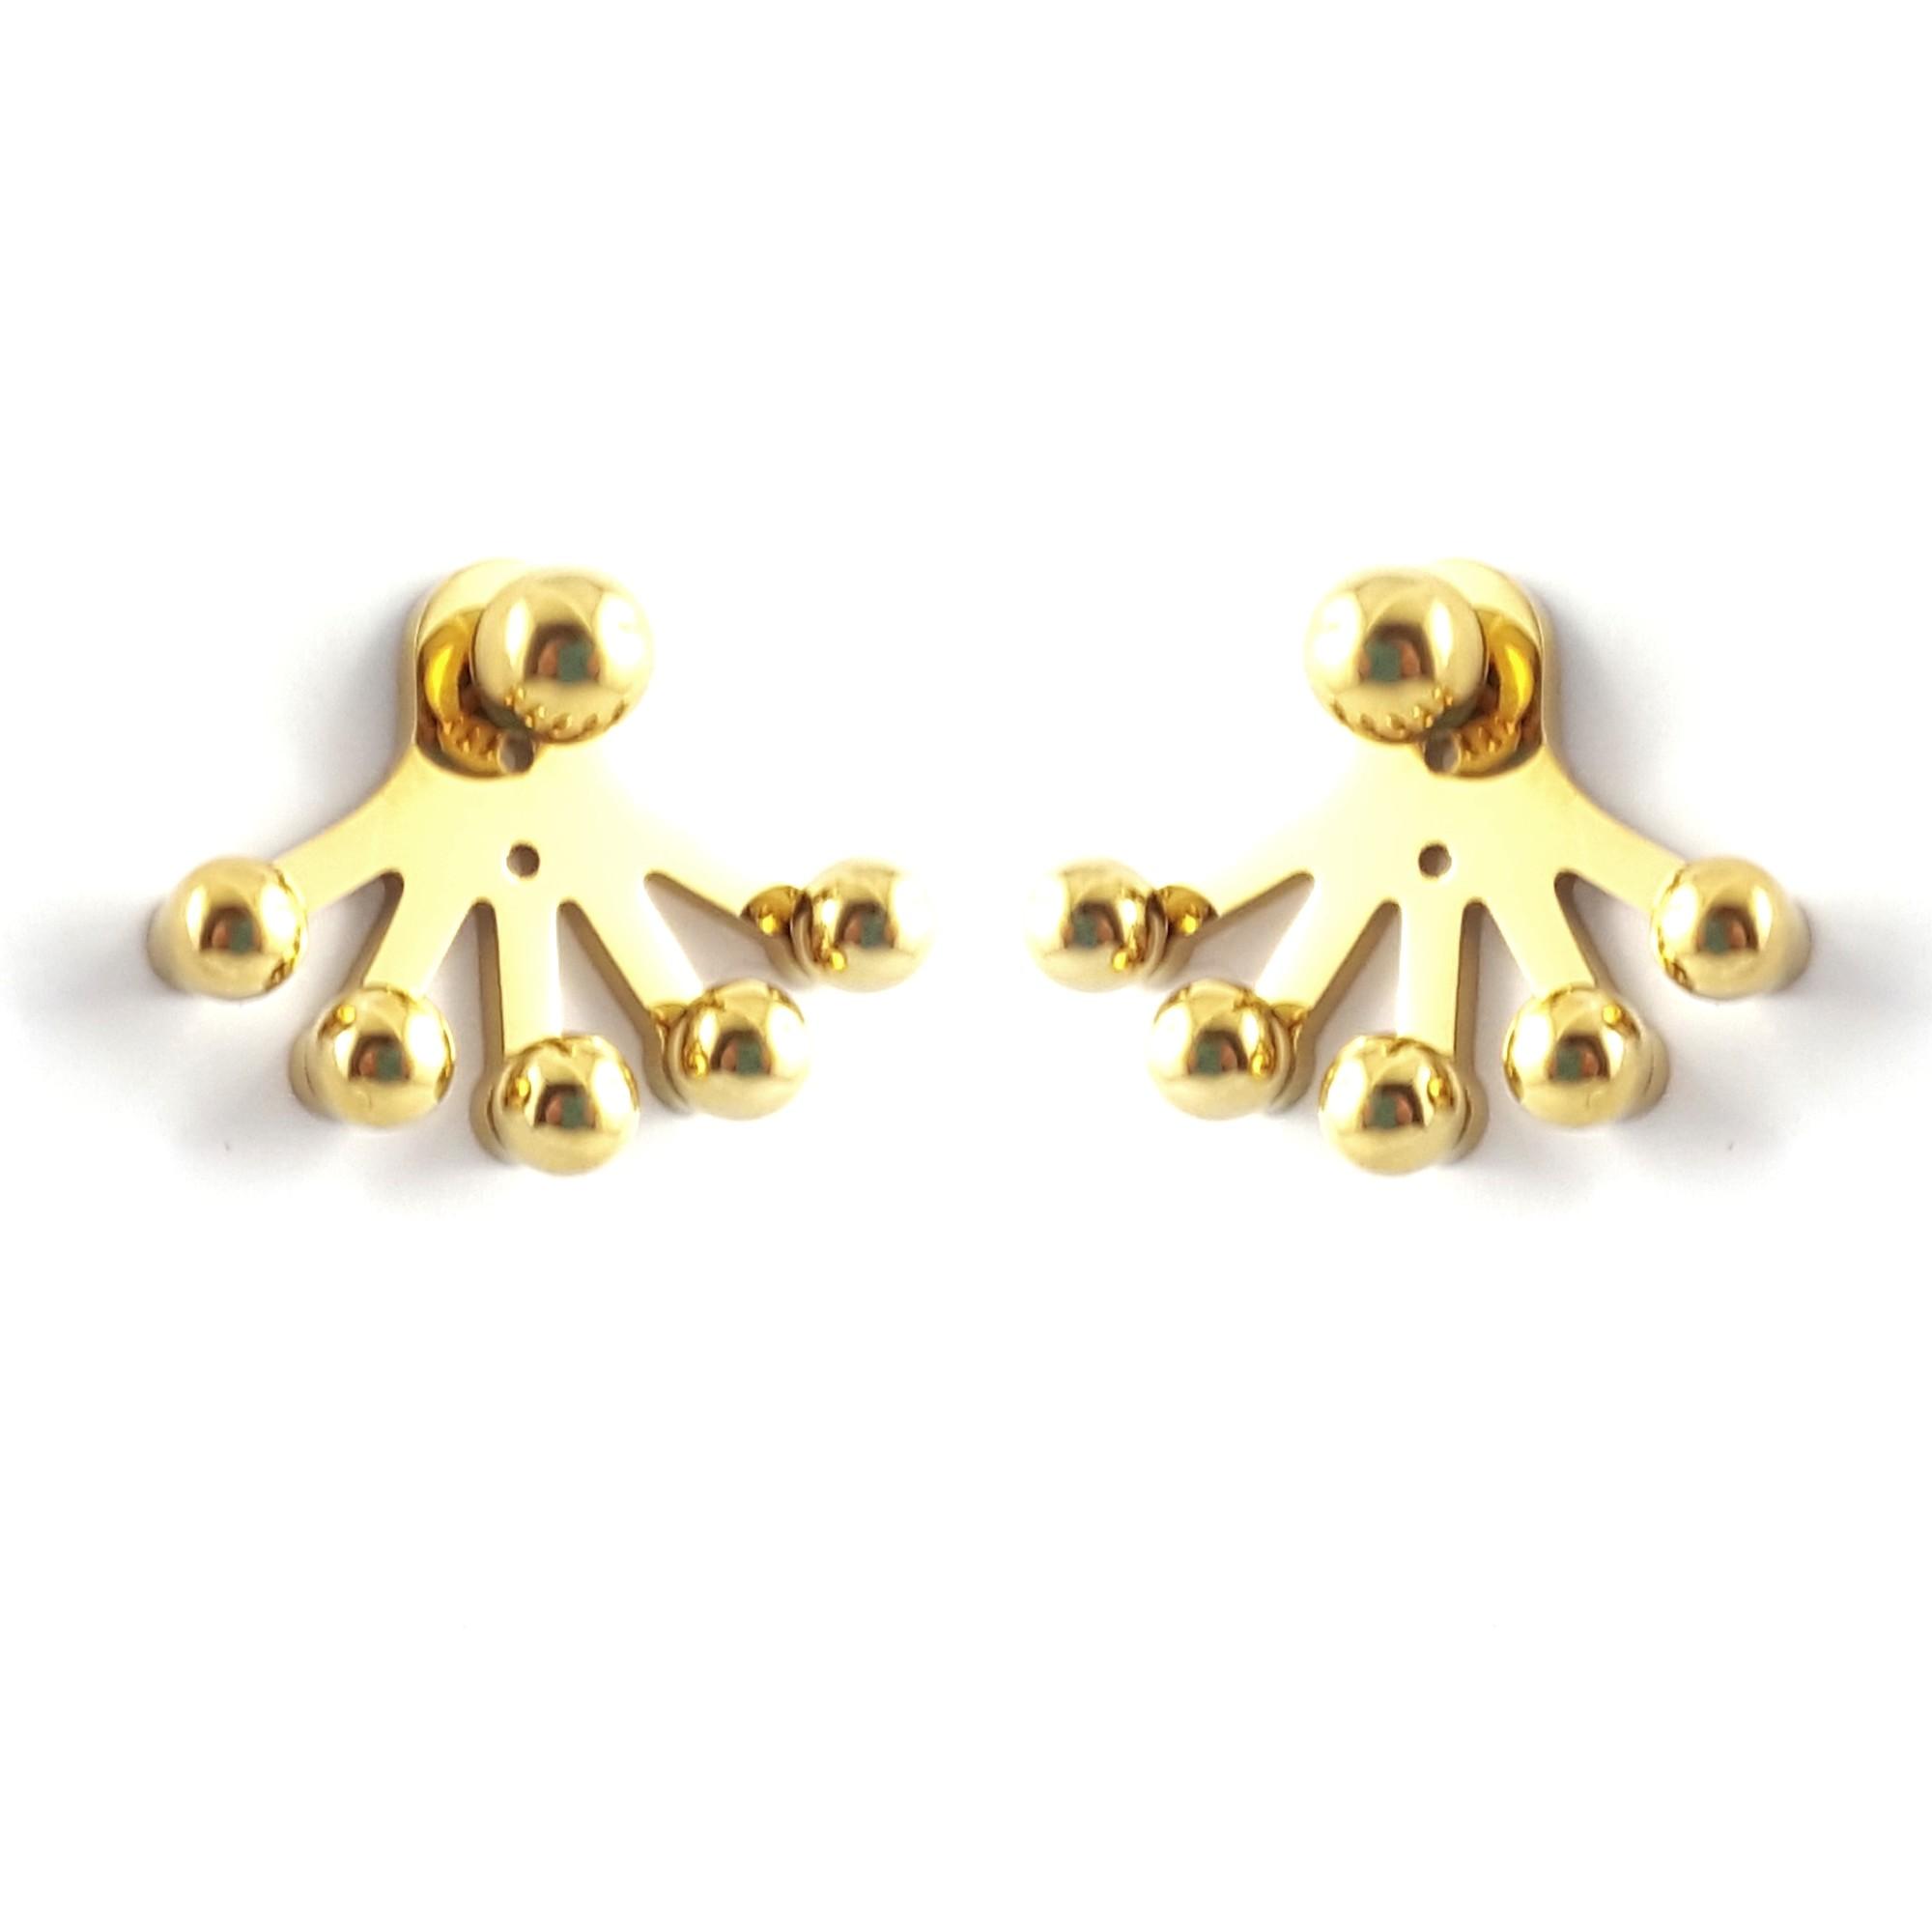 Boucles d'oreilles devant derriere - identites bijoux or